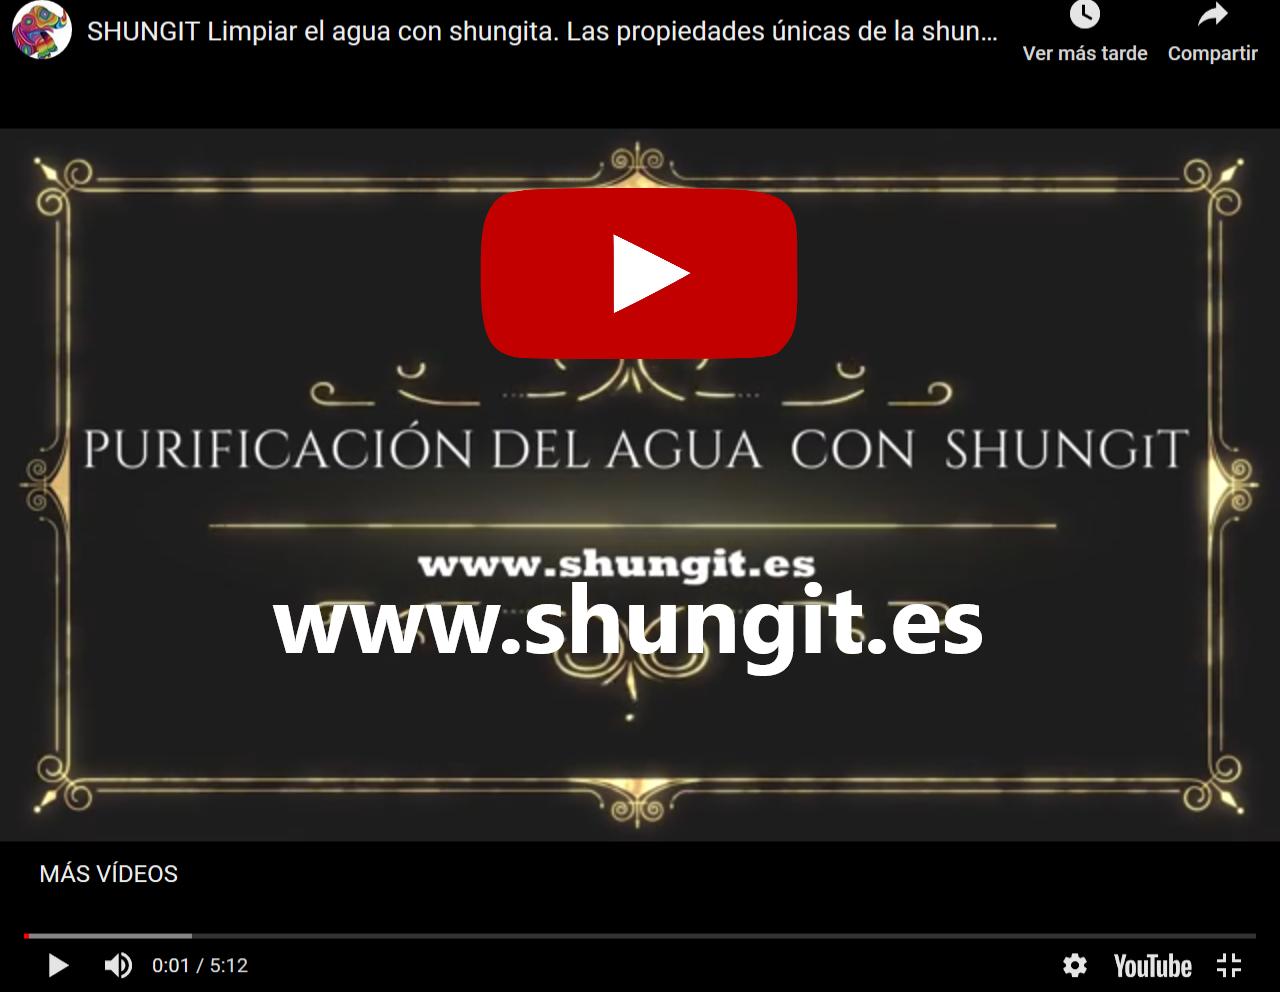 LIMPIEZA AGUA SHUNGIT